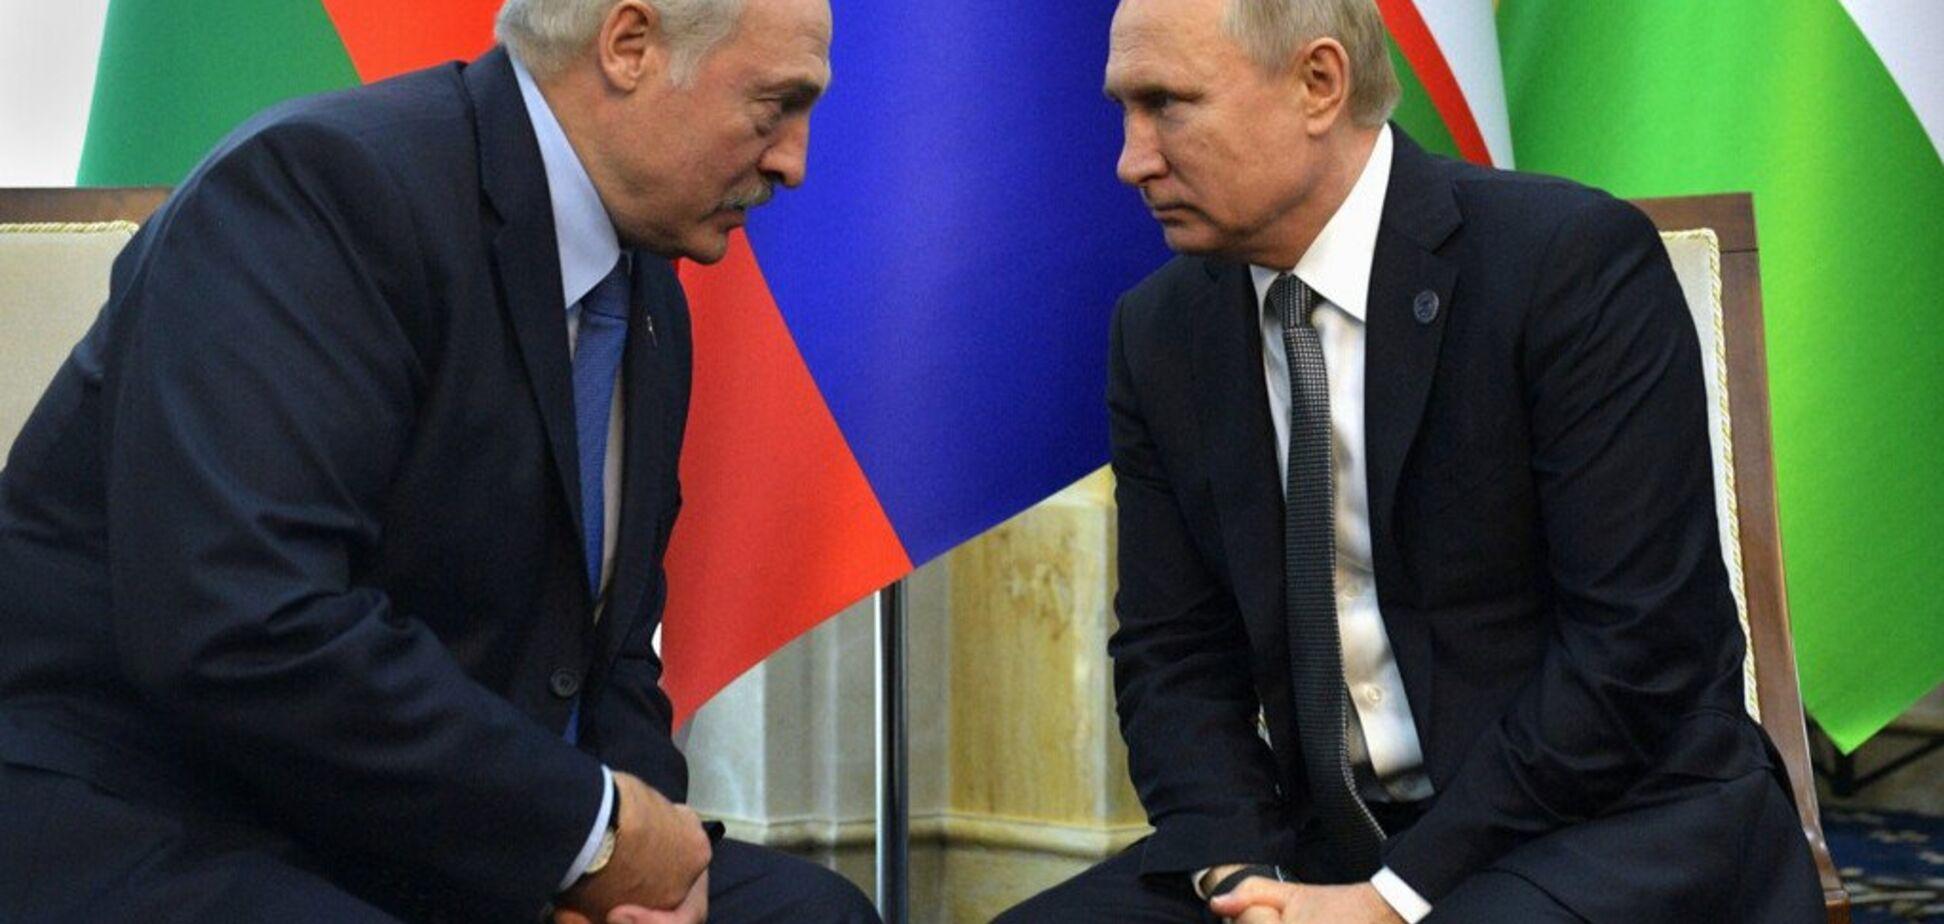 Лукашенко и Путин: снова не договорились. Дальше война?